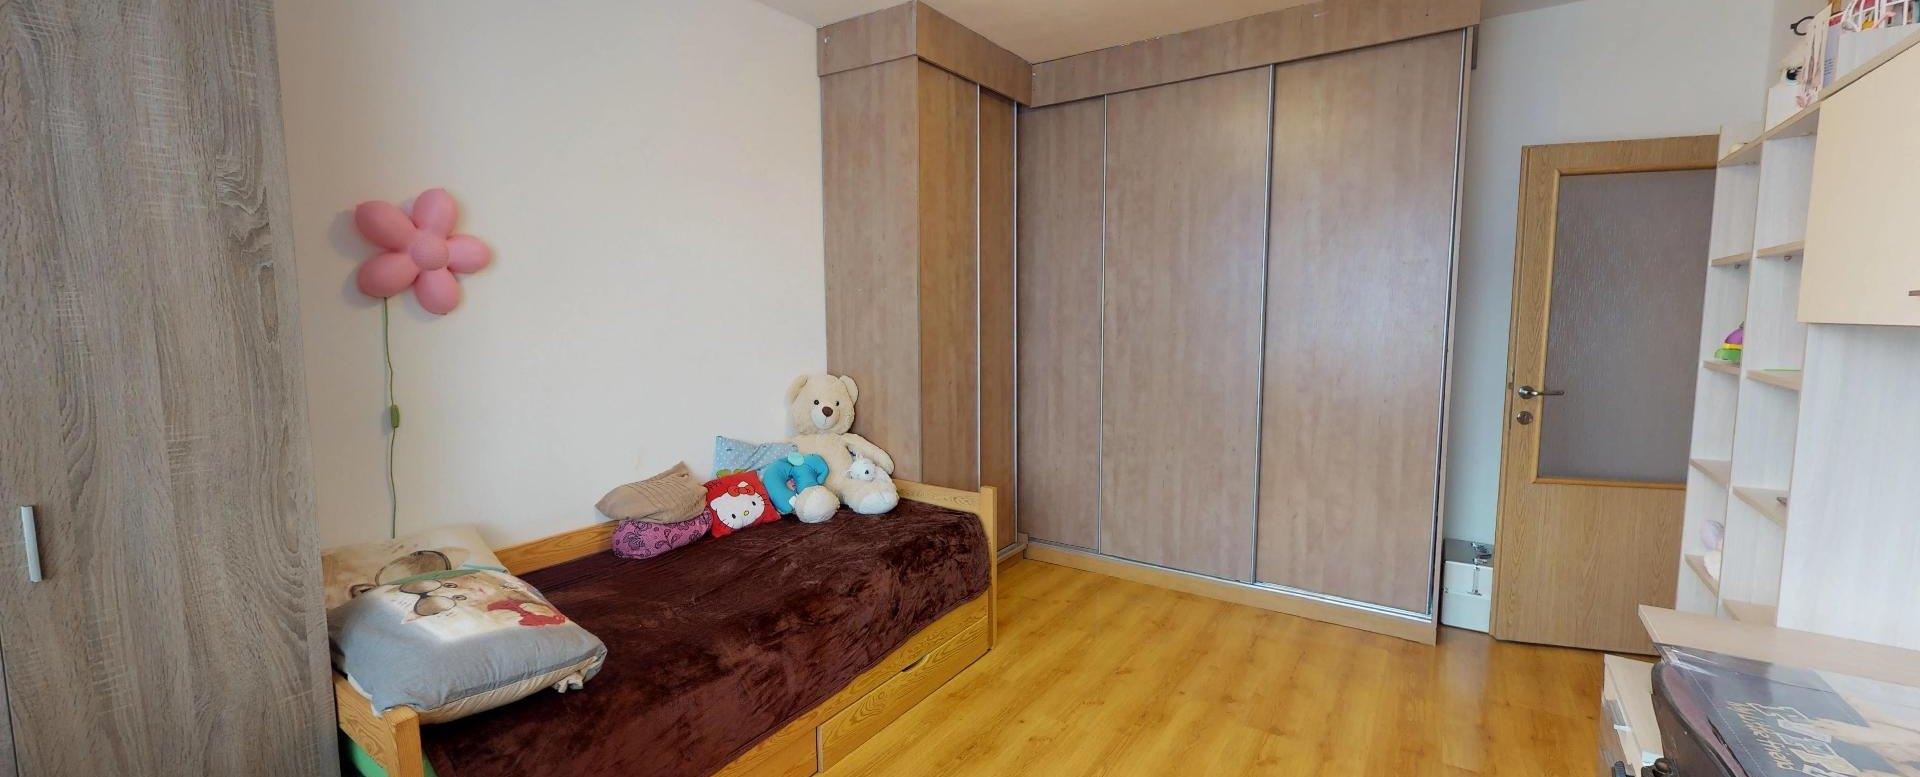 Vstavané skrine v detskej izbe